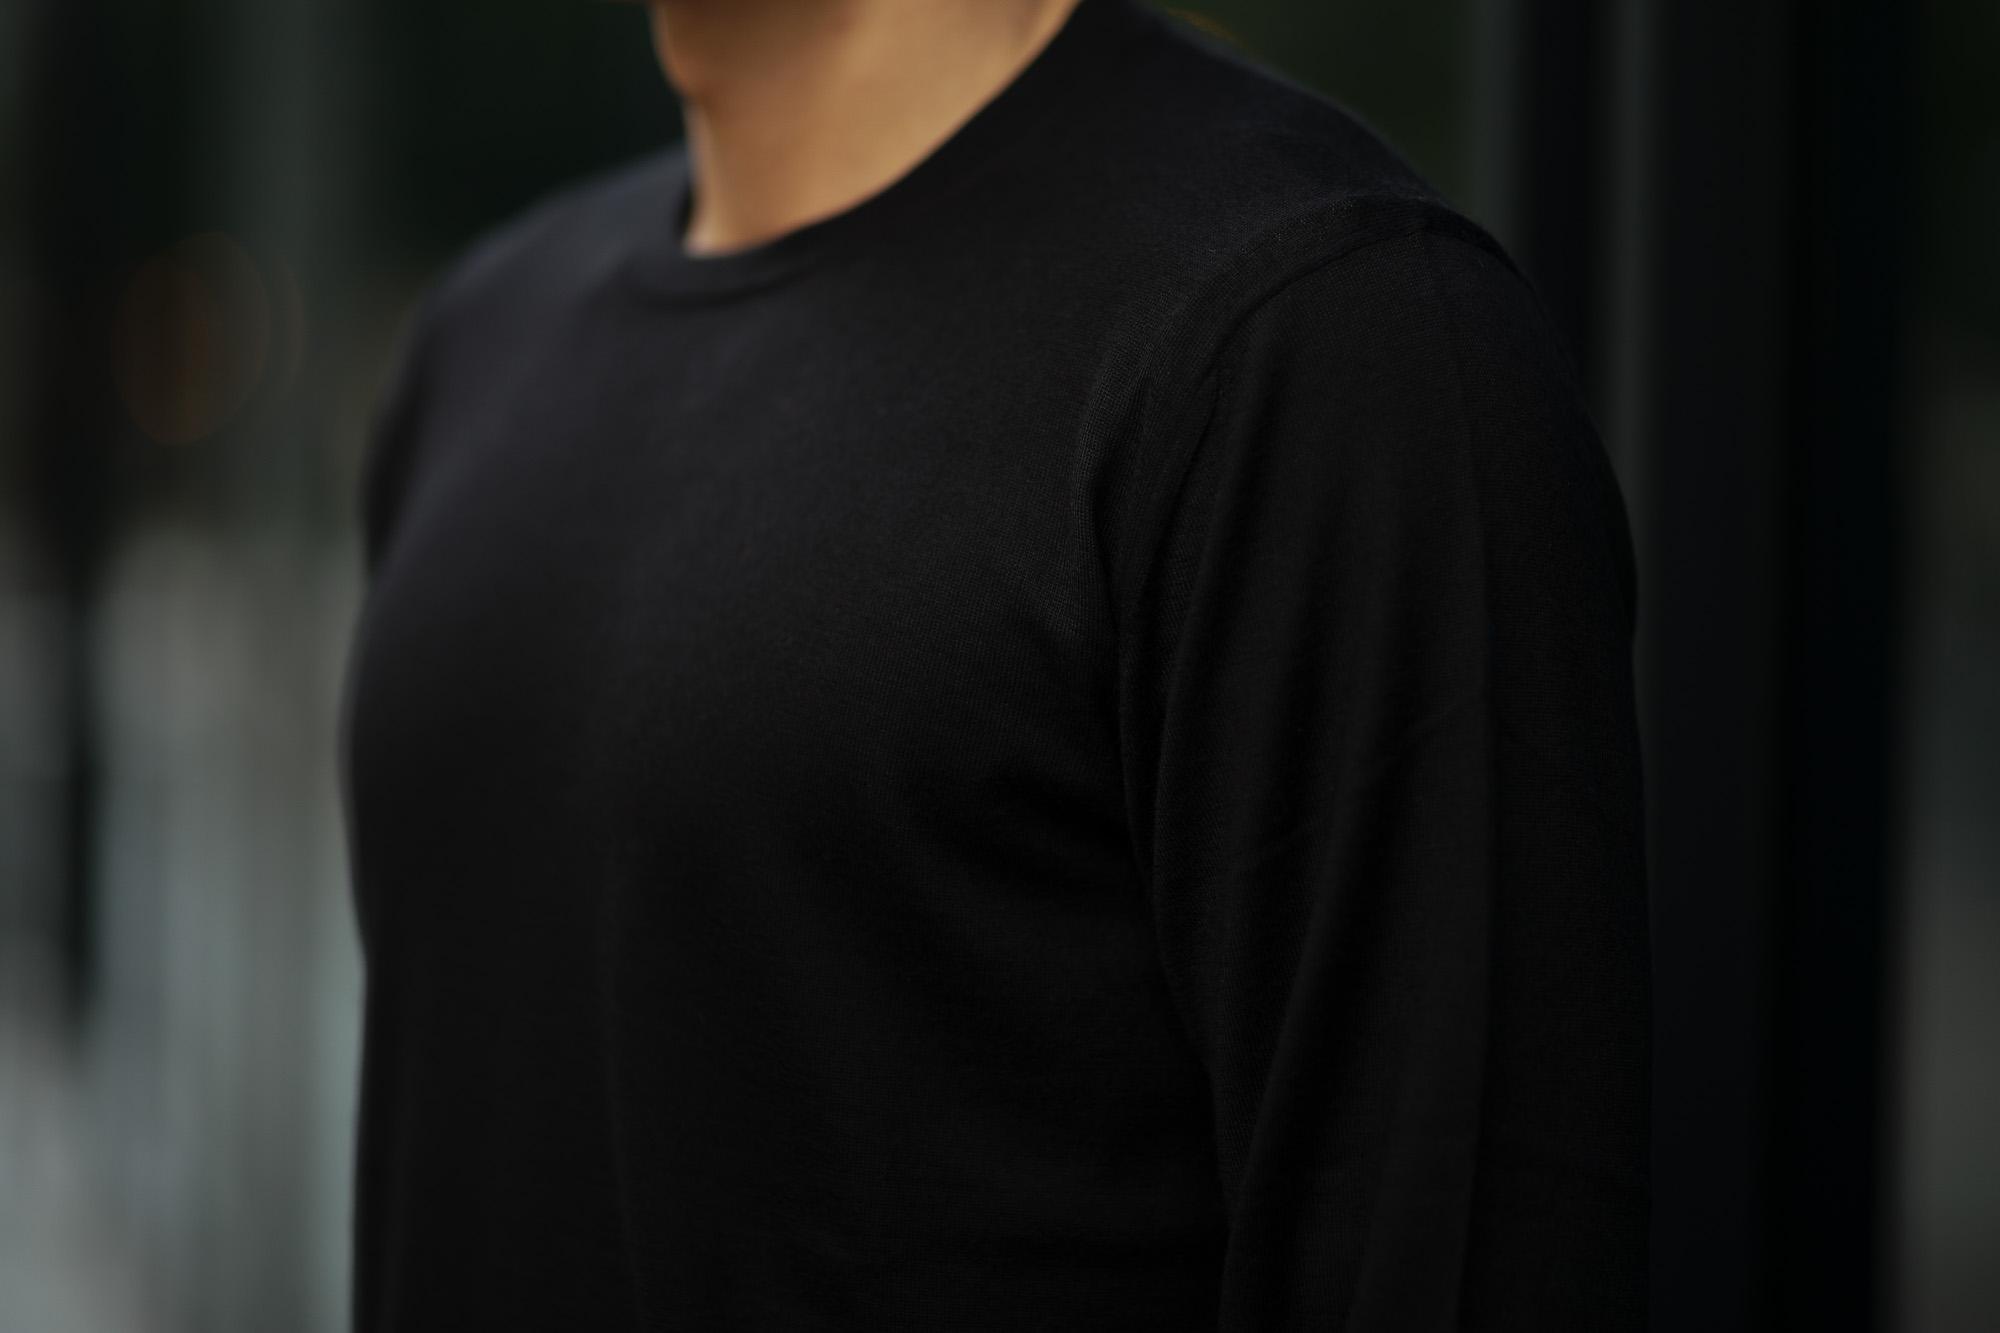 Cruciani (クルチアーニ) Silk Cashmere Crew Neck Sweater (シルクカシミヤ クルーネック セーター) ハイゲージ シルクカシミヤニット セーター BLACK (ブラック・30060) made in italy (イタリア製) 2019 秋冬新作 愛知 名古屋 altoediritto アルトエデリット